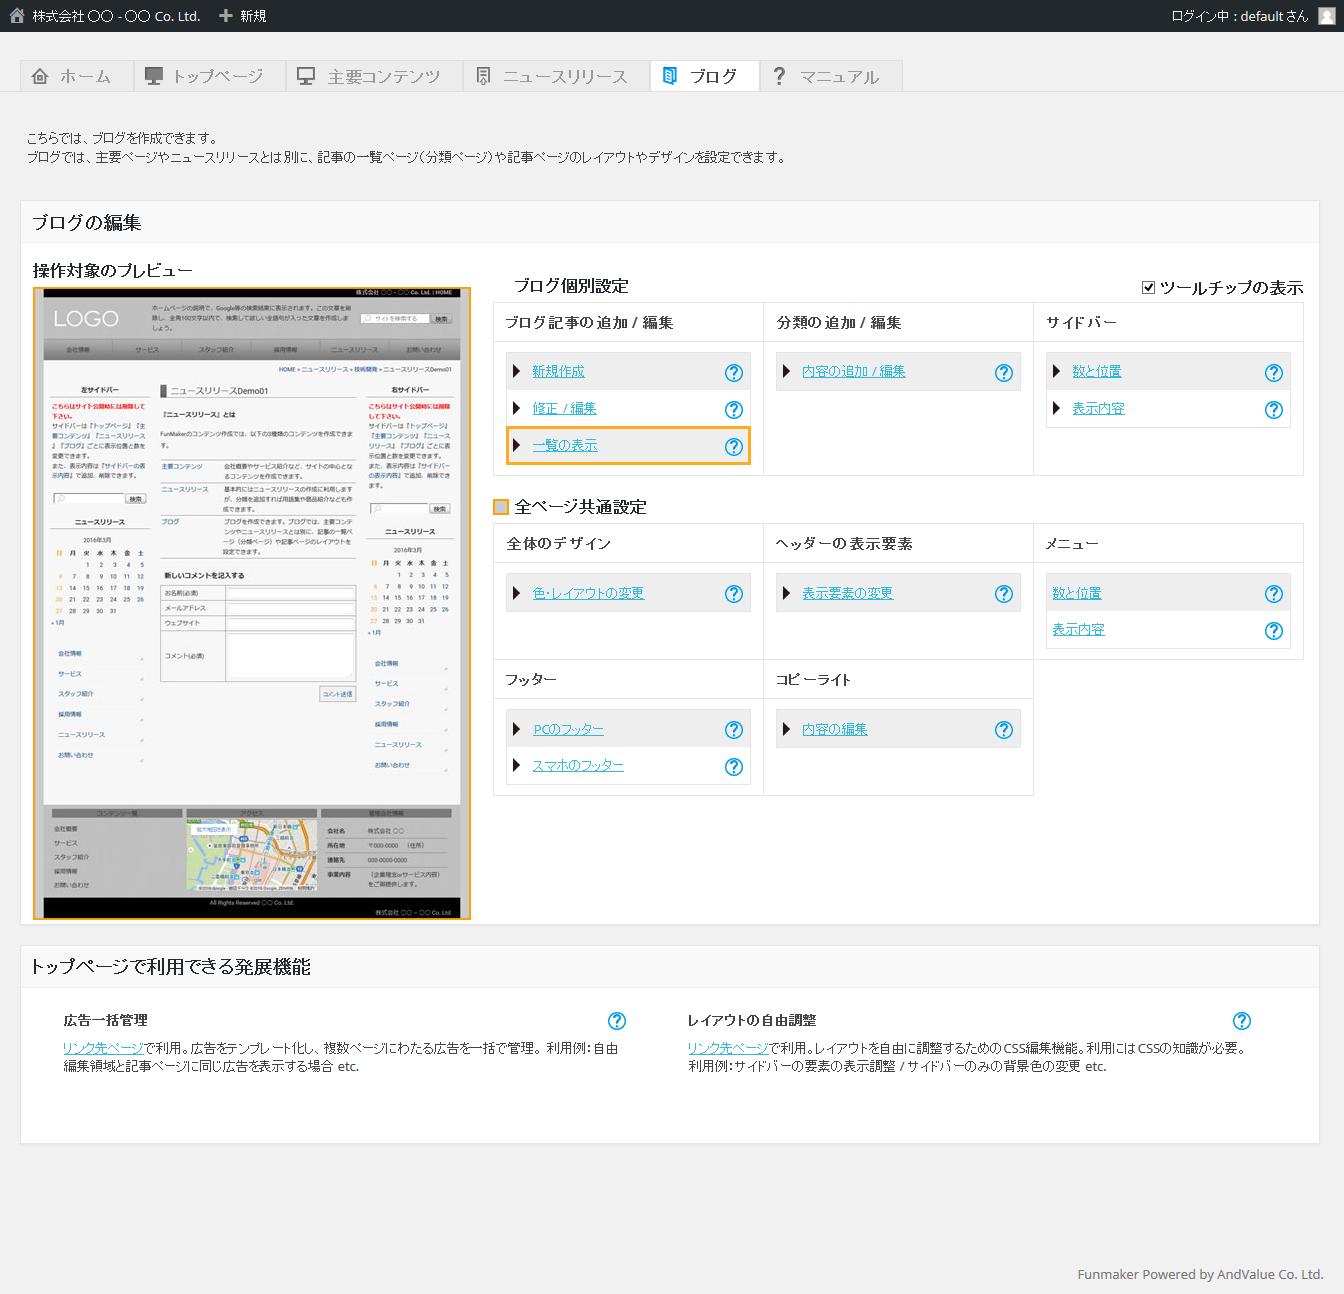 ブログ記事一覧の変更 - 簡単格安ホームページ作成会社 -FunMaker